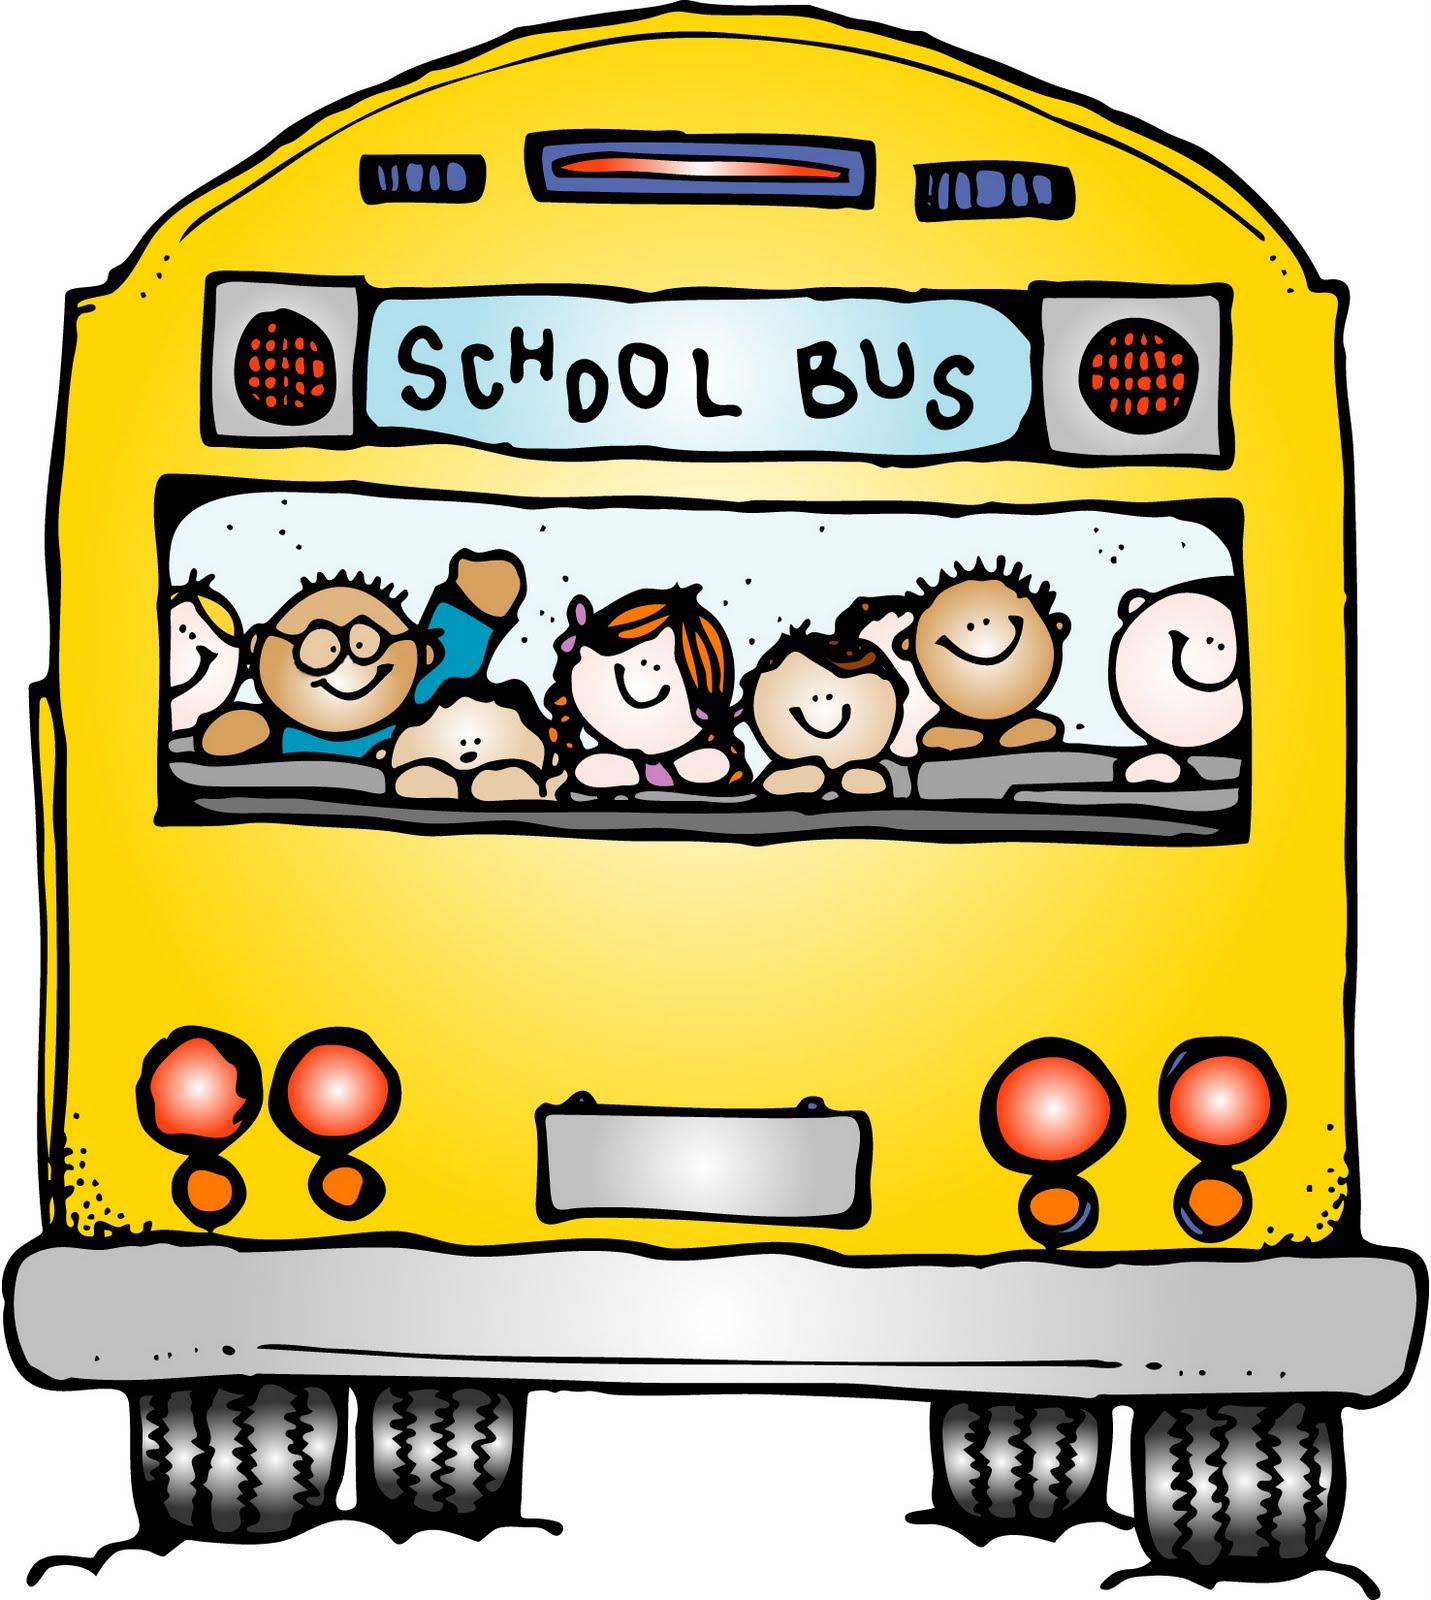 Bus clipart school excursion (23+) Clipart clip School school